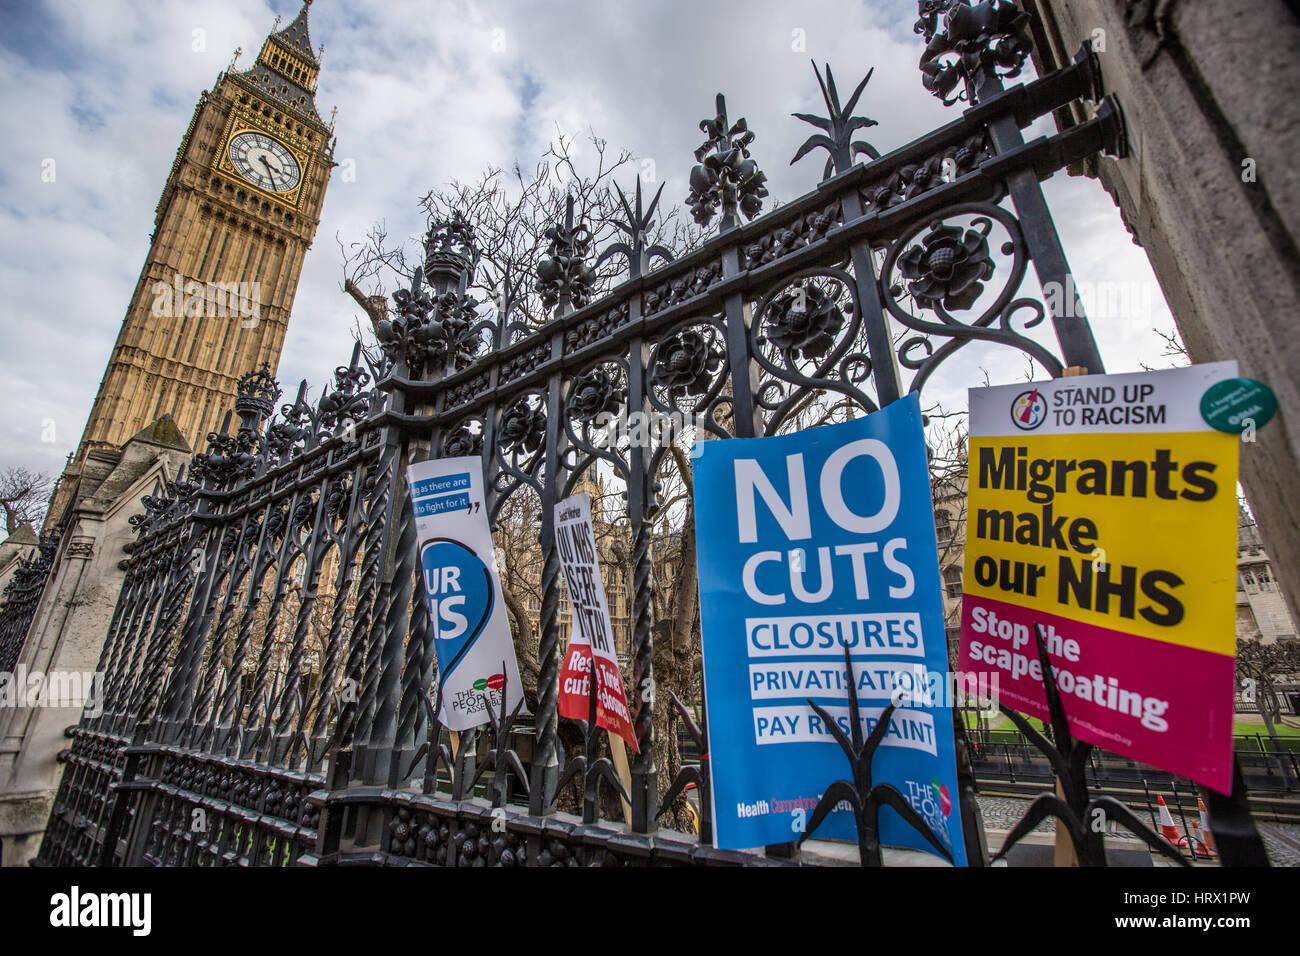 Londres, Royaume-Uni. 4 mars, 2017. Des pancartes à gauche sur les grilles à l'extérieur du Parlement Photo Stock